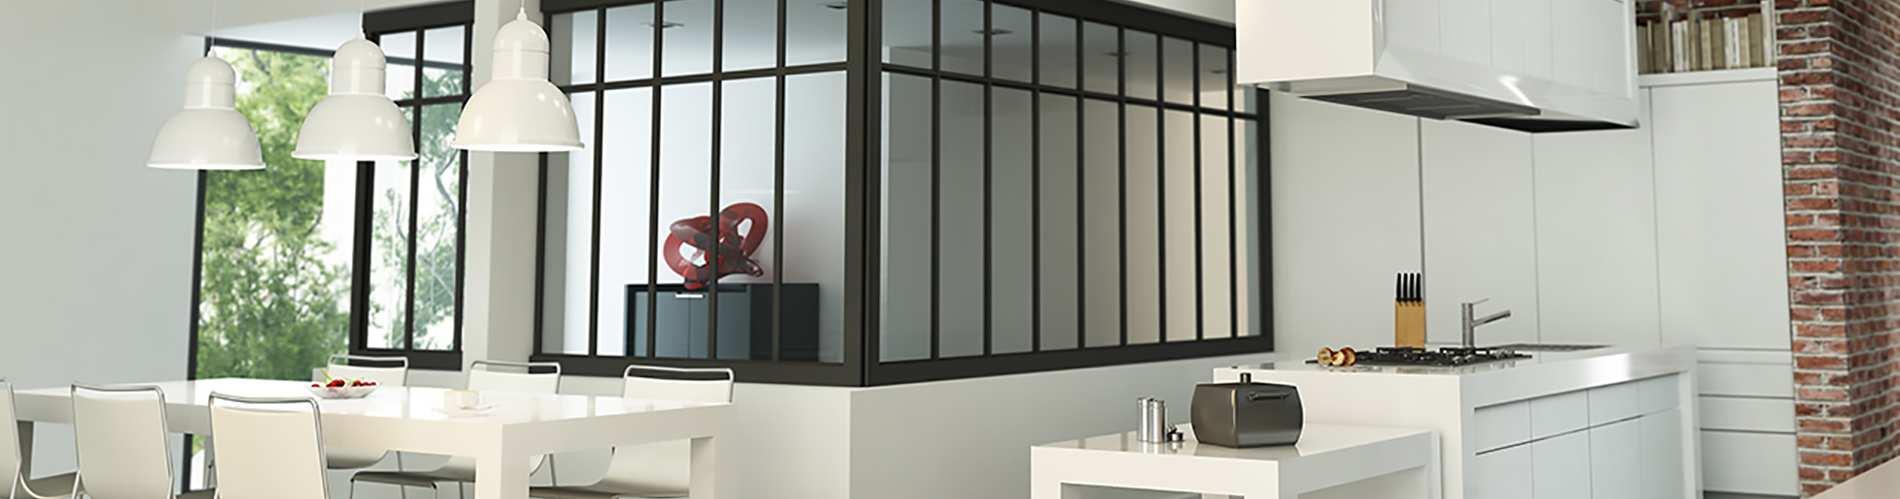 Vitre Dans Cloison Ba13 installer une cloison en verrière d'atelier - bricofamily